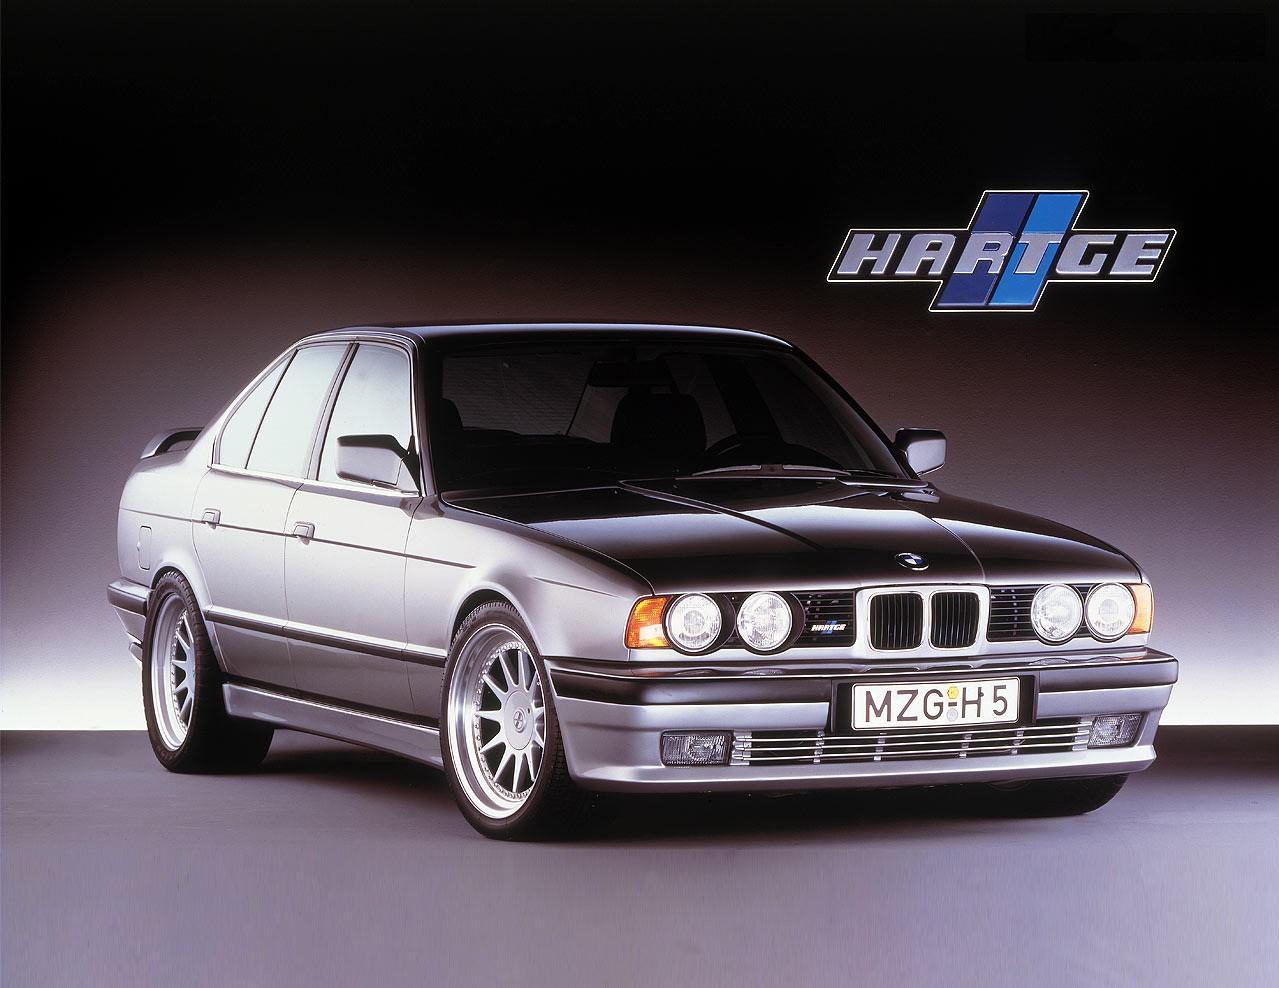 Hartge-3.jpg